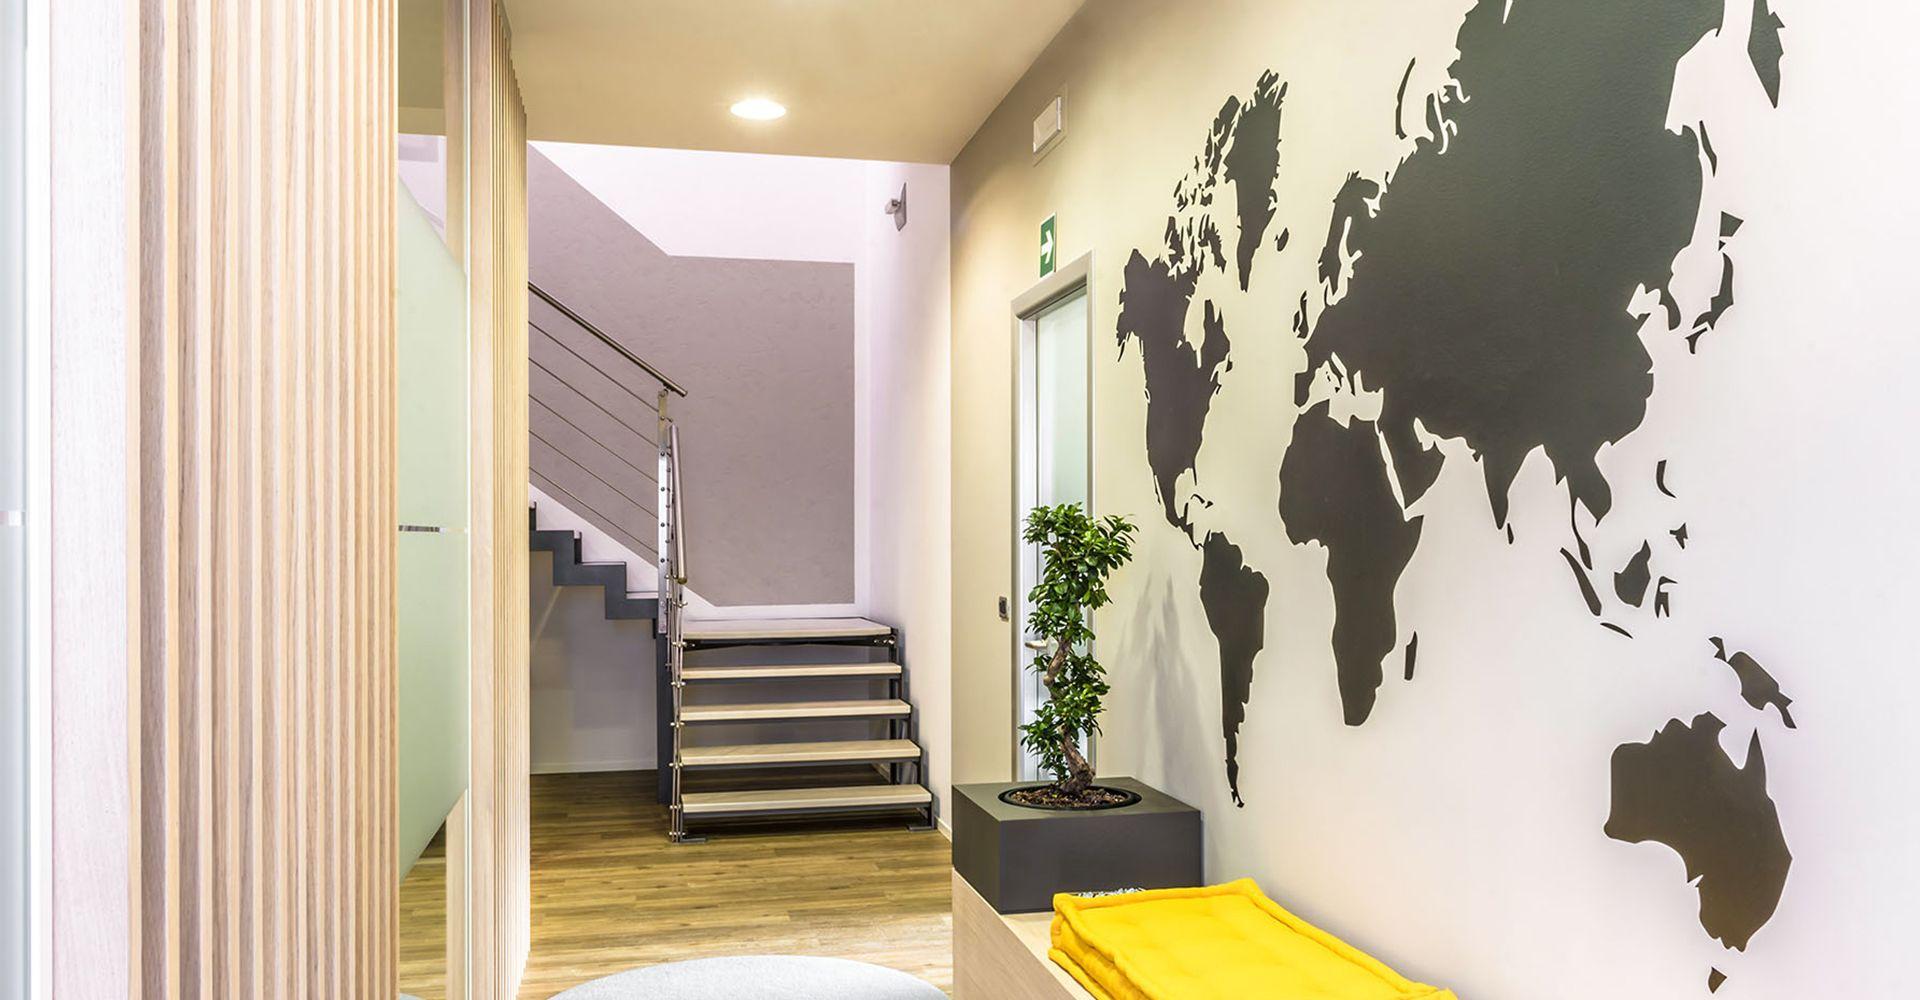 Arredamento Ufficio Stile Industriale : Durante ufficio progettazione e fornitura arredamenti per uffici